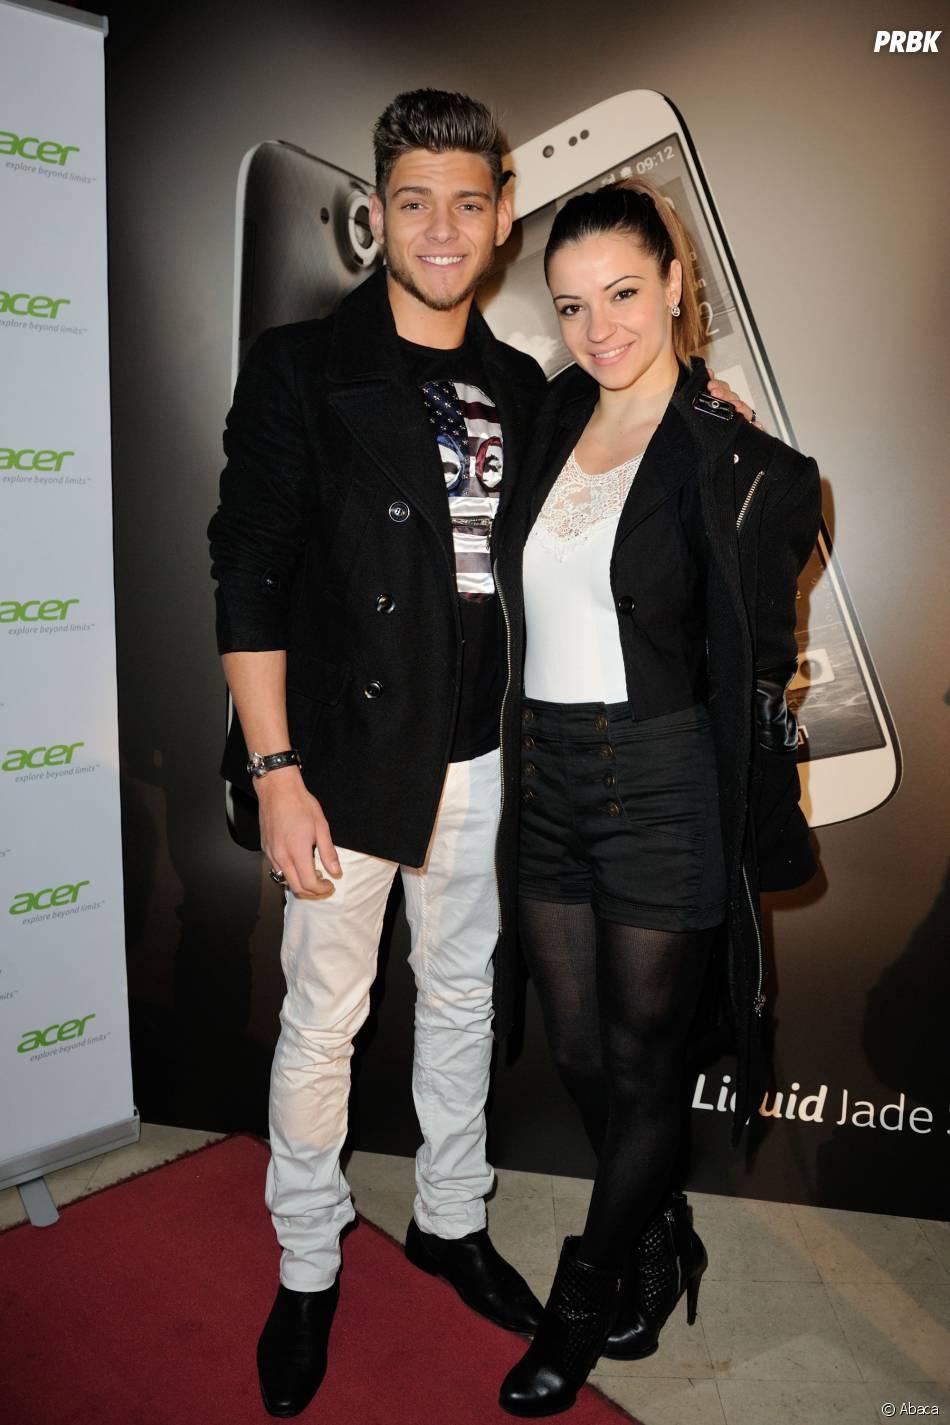 Rayane Bensetti et Denitsa Ikonomova : le duo se reforme pour la présensation du Liquid Jade S d'Acer, le 5 février 2014 à Paris